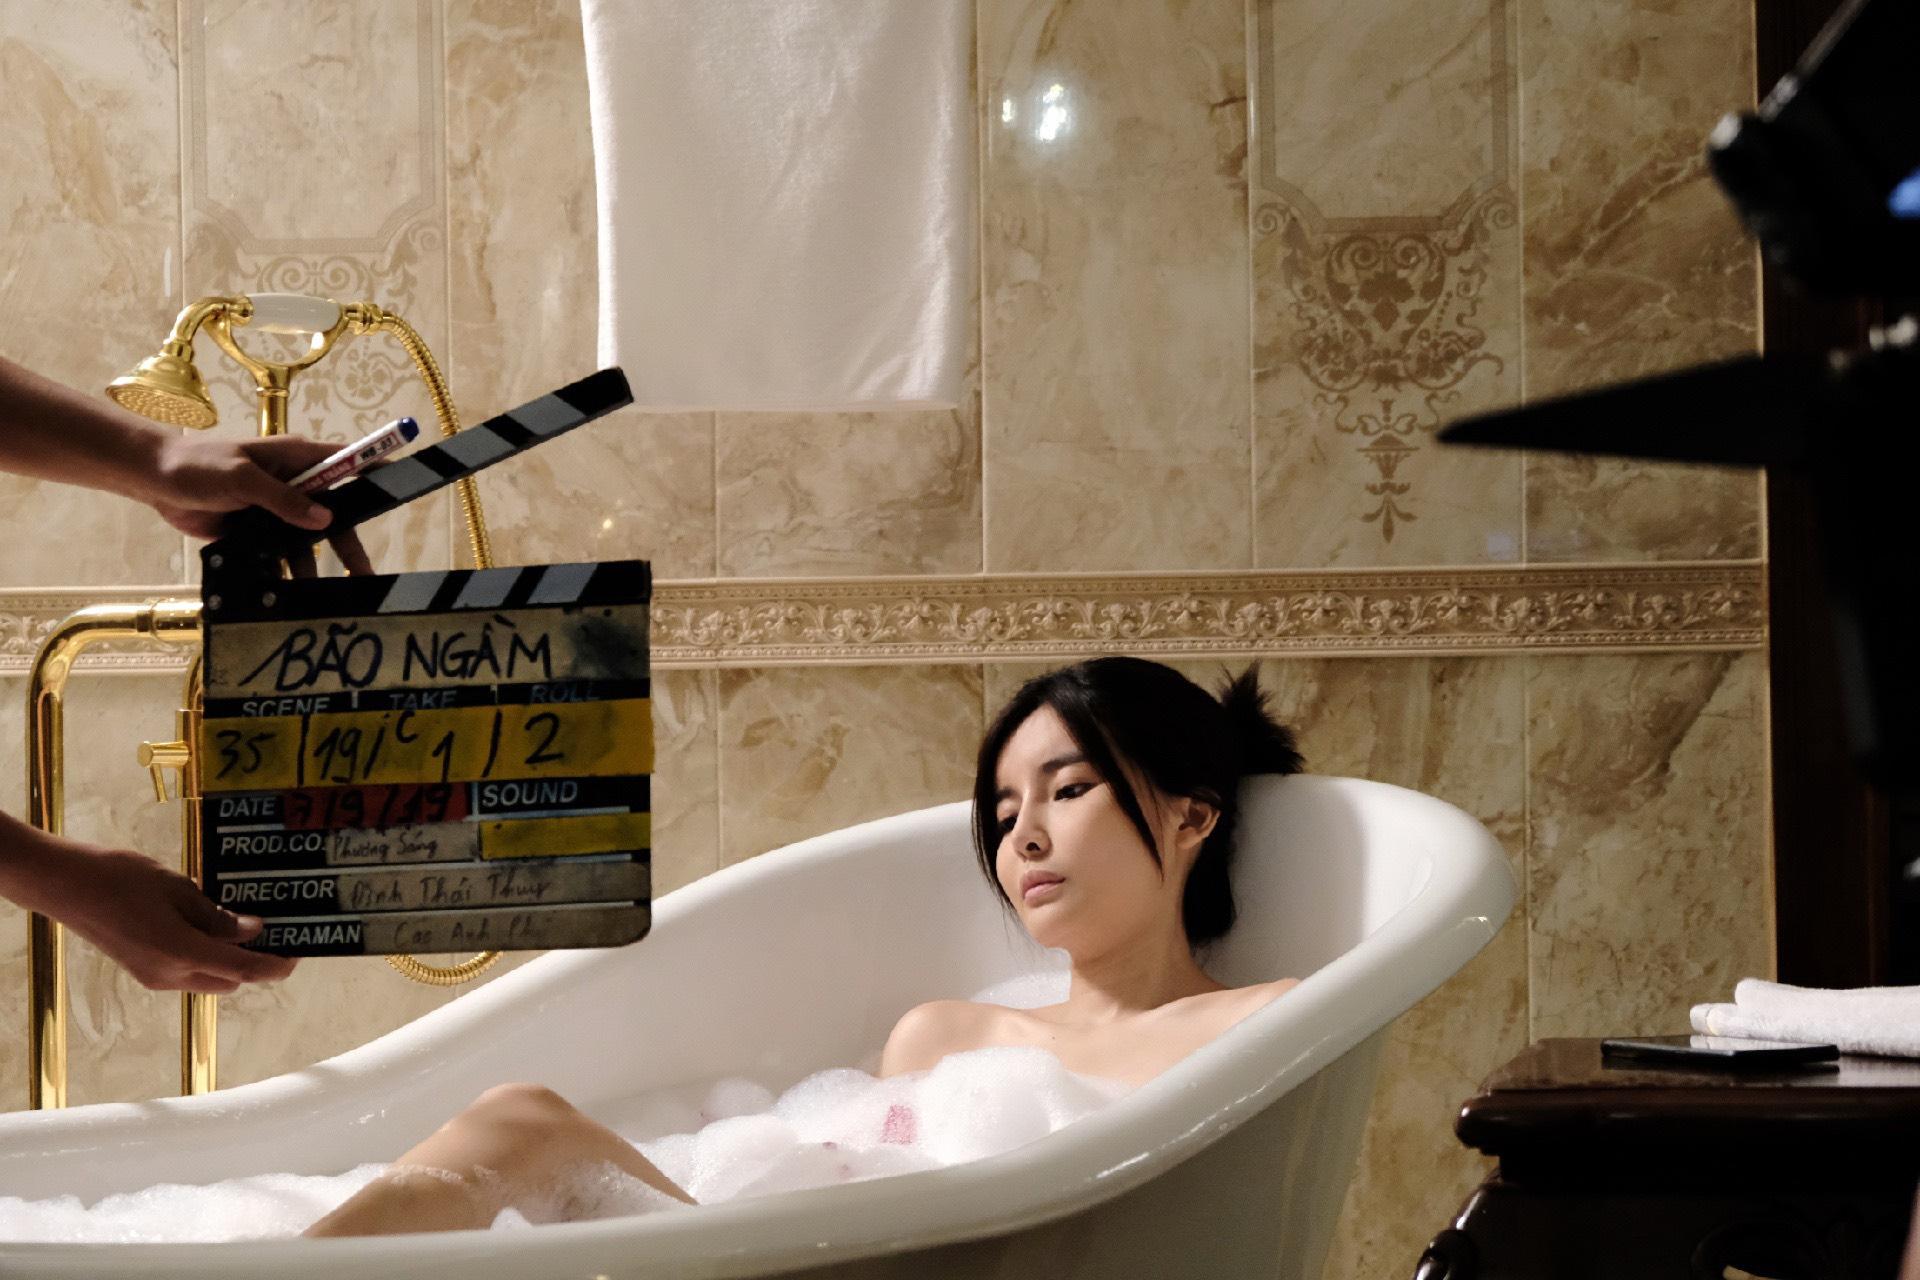 Thực hư Cao Thái Hà lộ ảnh hớ hênh trong bồn tắm - 3